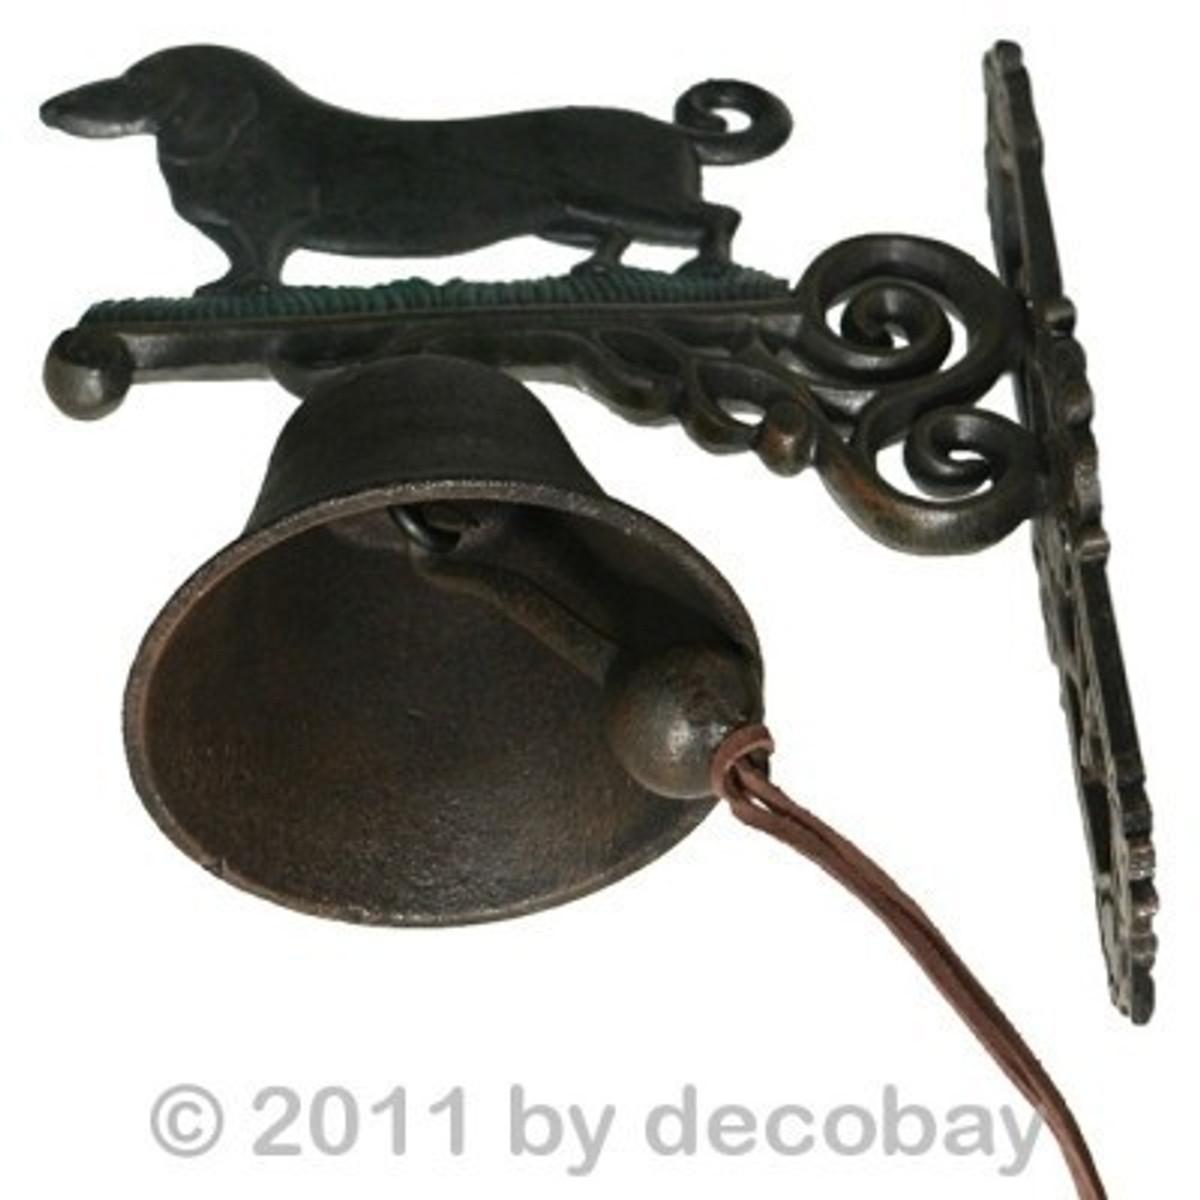 Glocken Gusseiserne Türglocke Dackel Antik Dekoration einen ganz besonderer Wächter für Ihre Haustür bestellen.